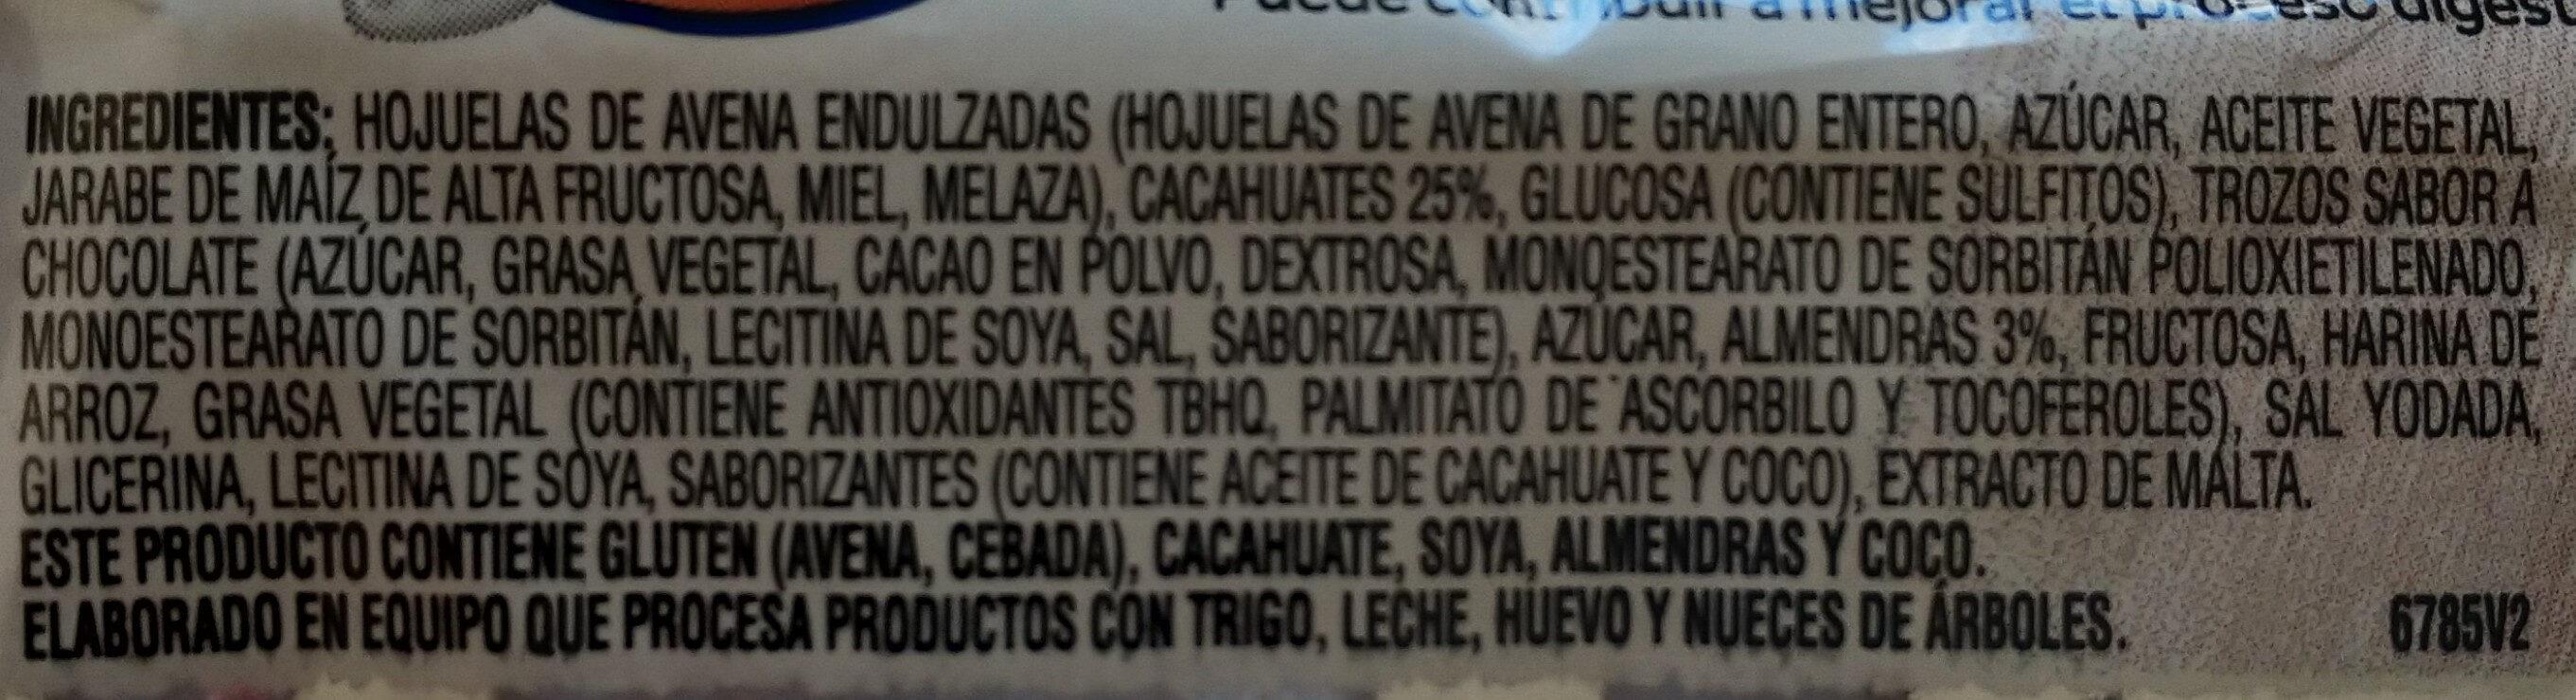 Nutural Balance - Ingredientes - es